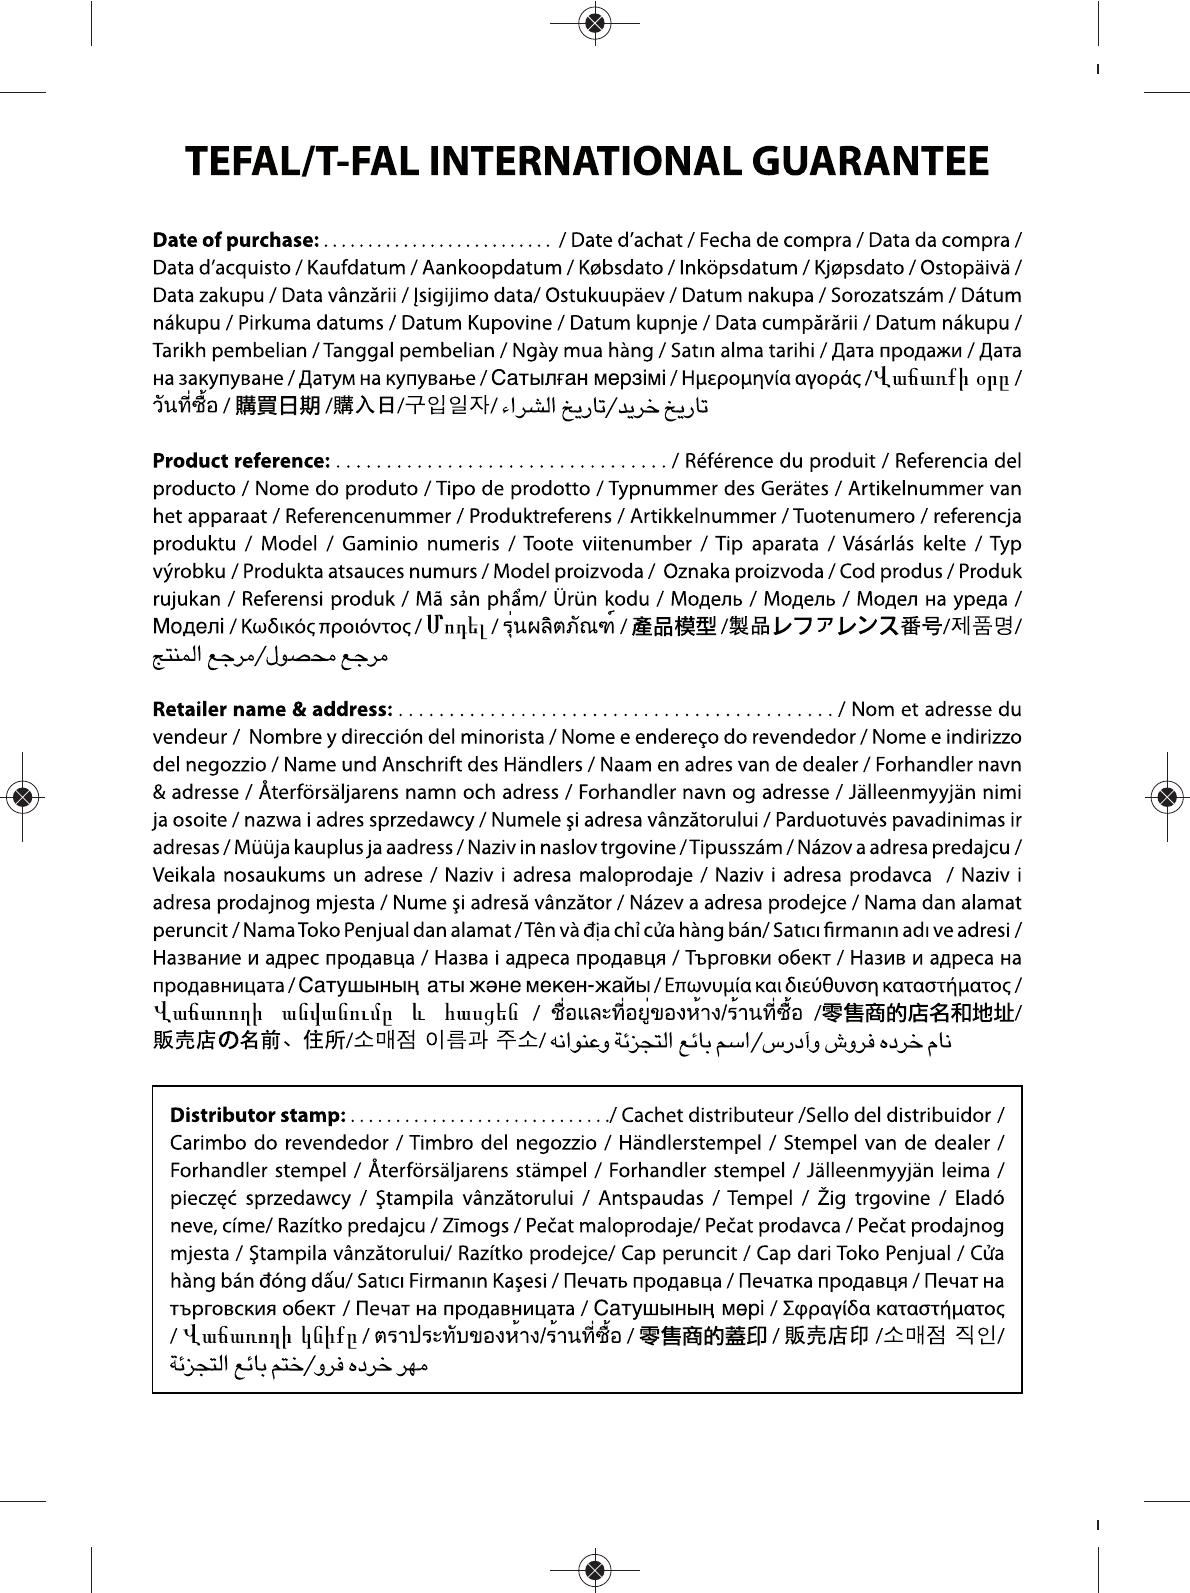 98cf97013a1 Tefal Gv7340C0 Instruction Manual GV7340 TEF  de_en_fr_nl_es_pt_it_da_no_sv_fi_tr_el_pl_cs_sk_hu_sl_ru_uk_hr_ro_et_lt_lv